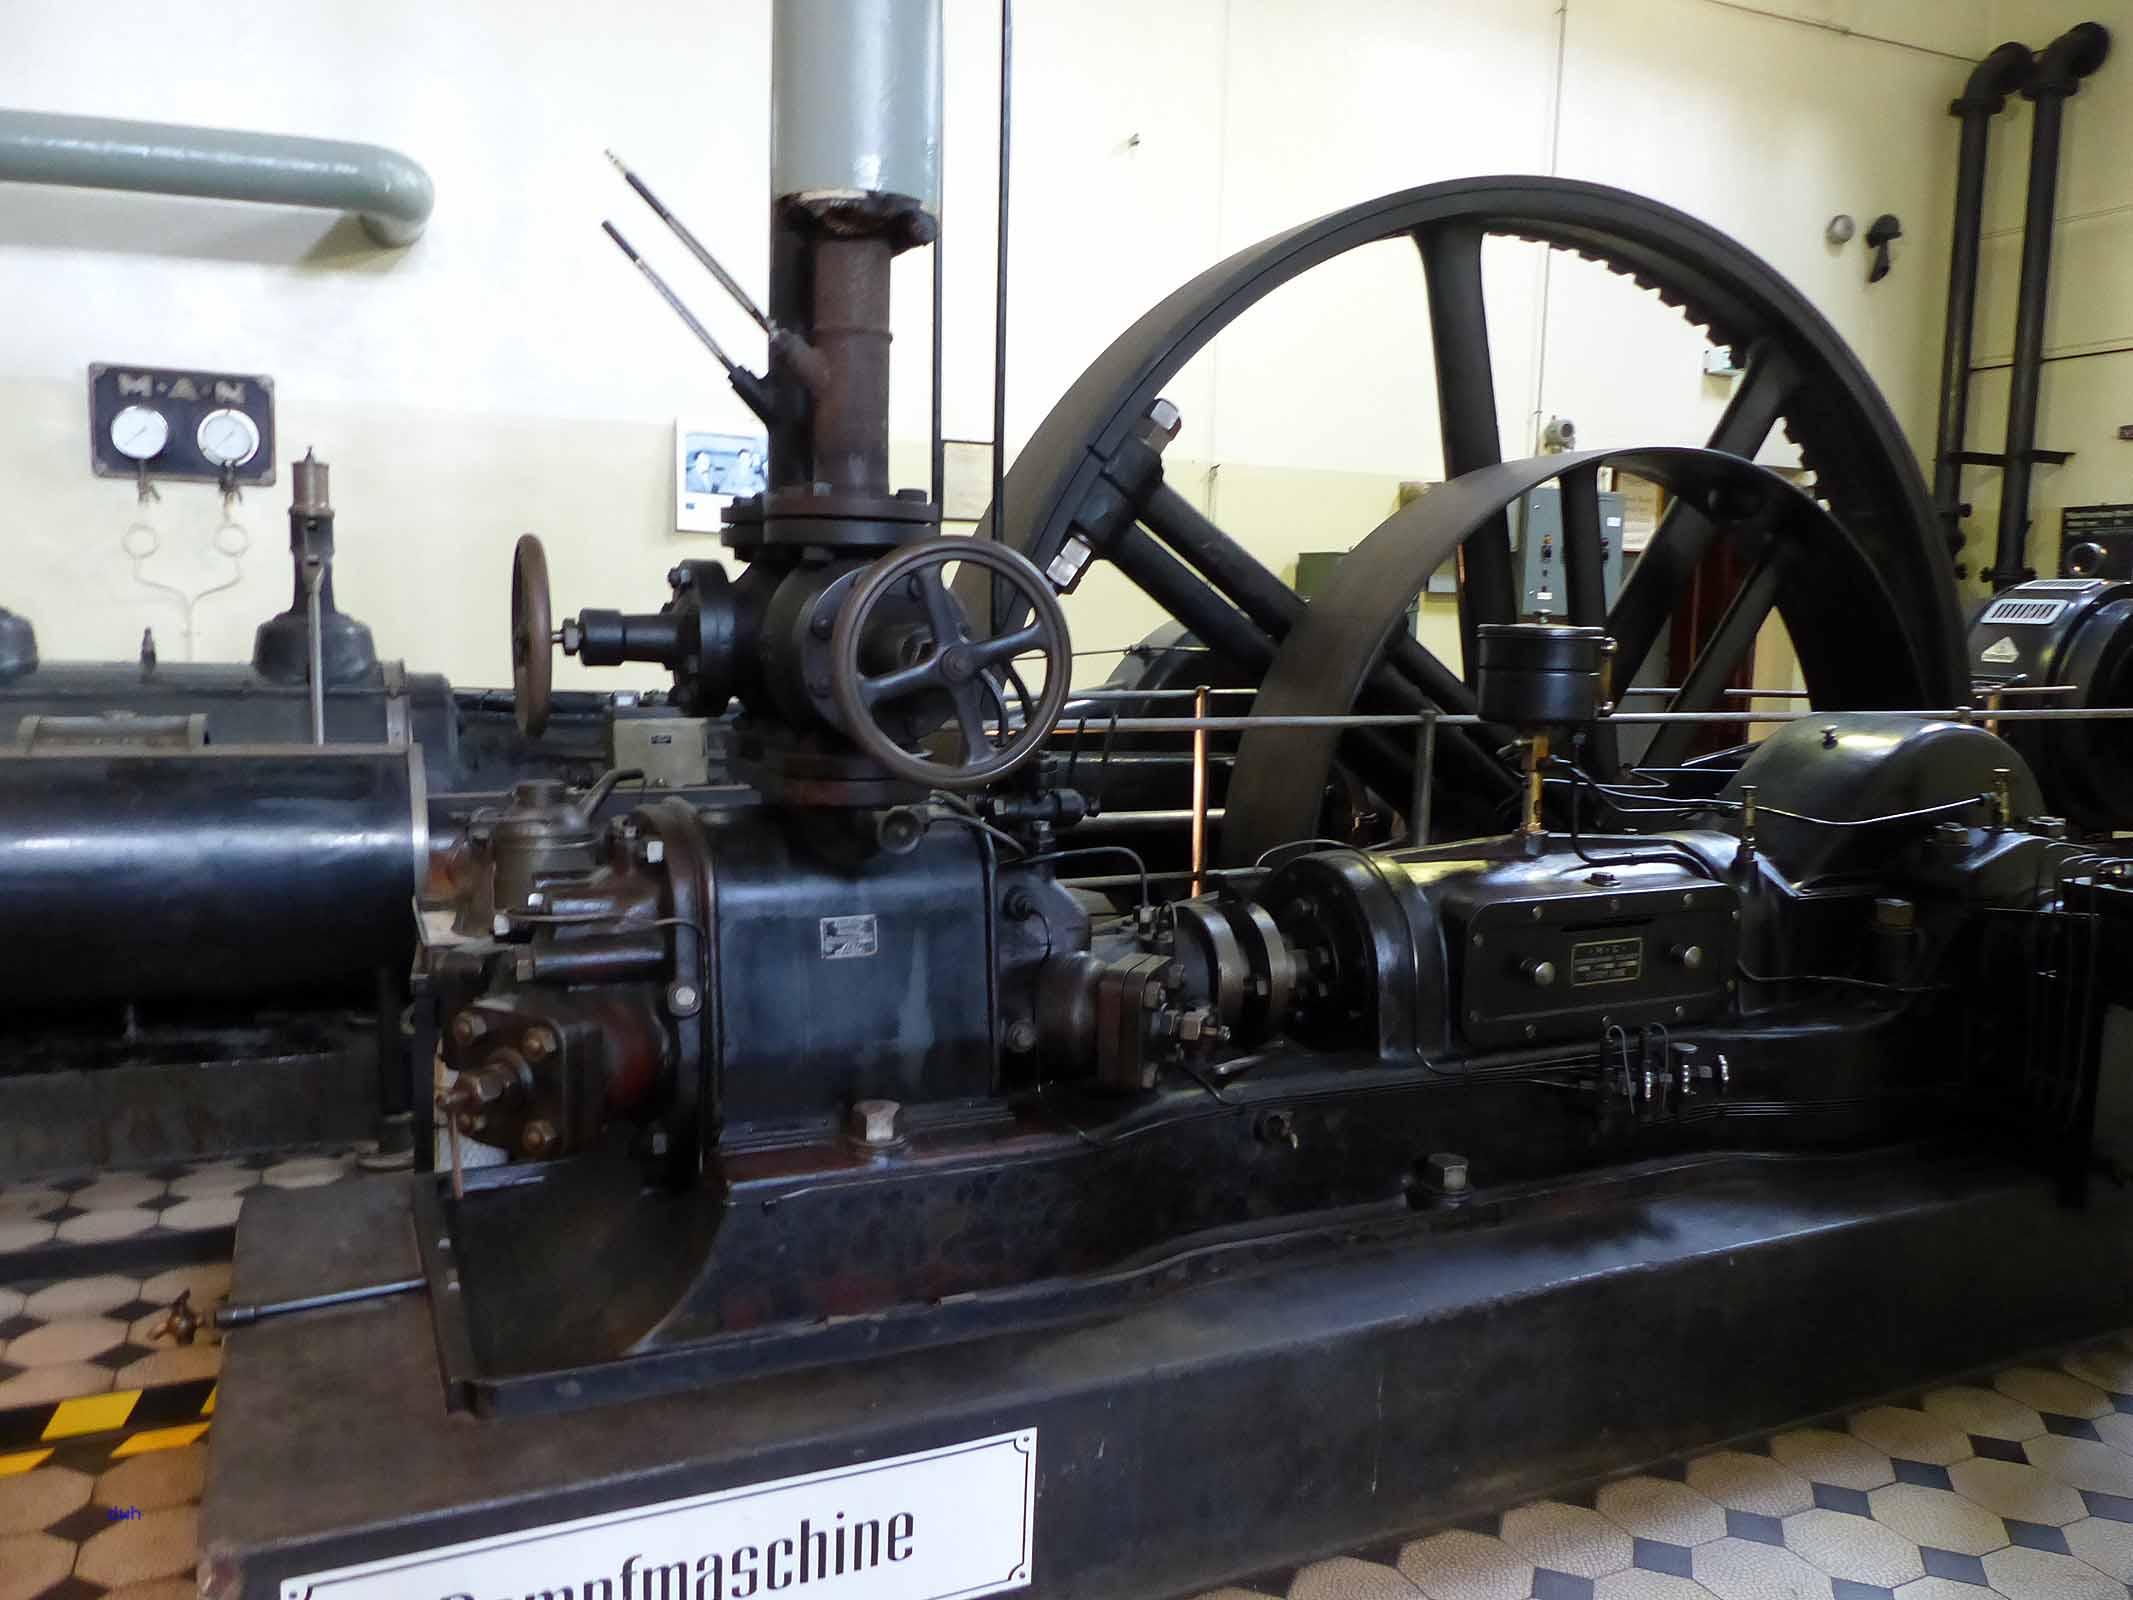 Dampfmaschine in der Brauerei Gebr. Maisel